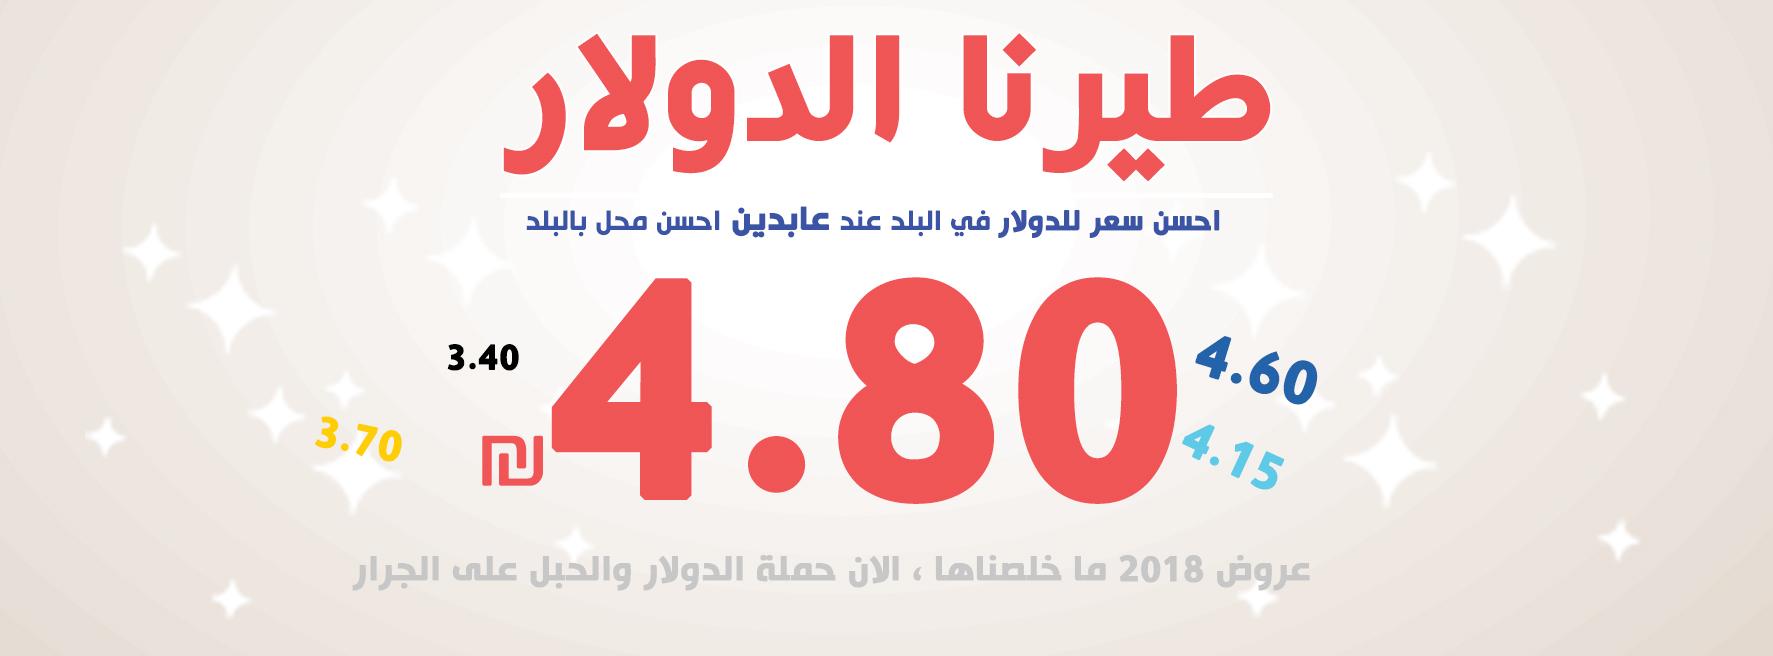 من اسرة مجموعة عابدين كل عام و انتم بخير happy new year 2019